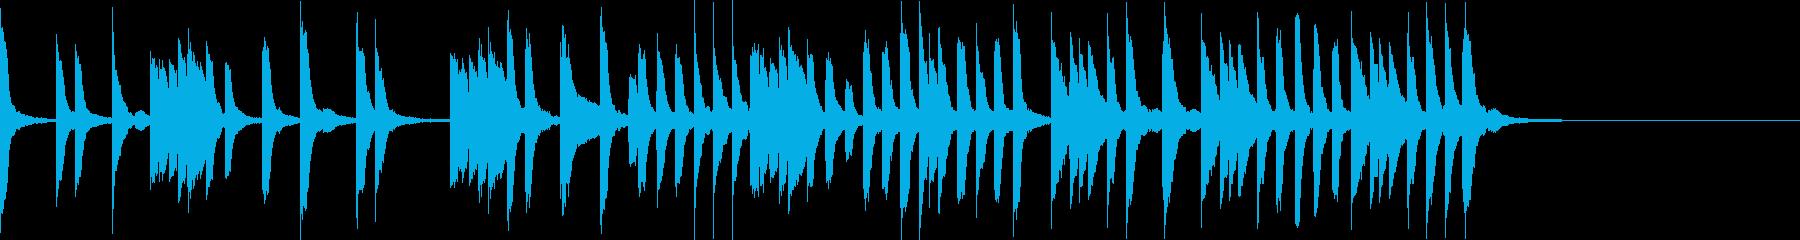 ほのぼのカワイイ教育TV風ピアノ曲の再生済みの波形